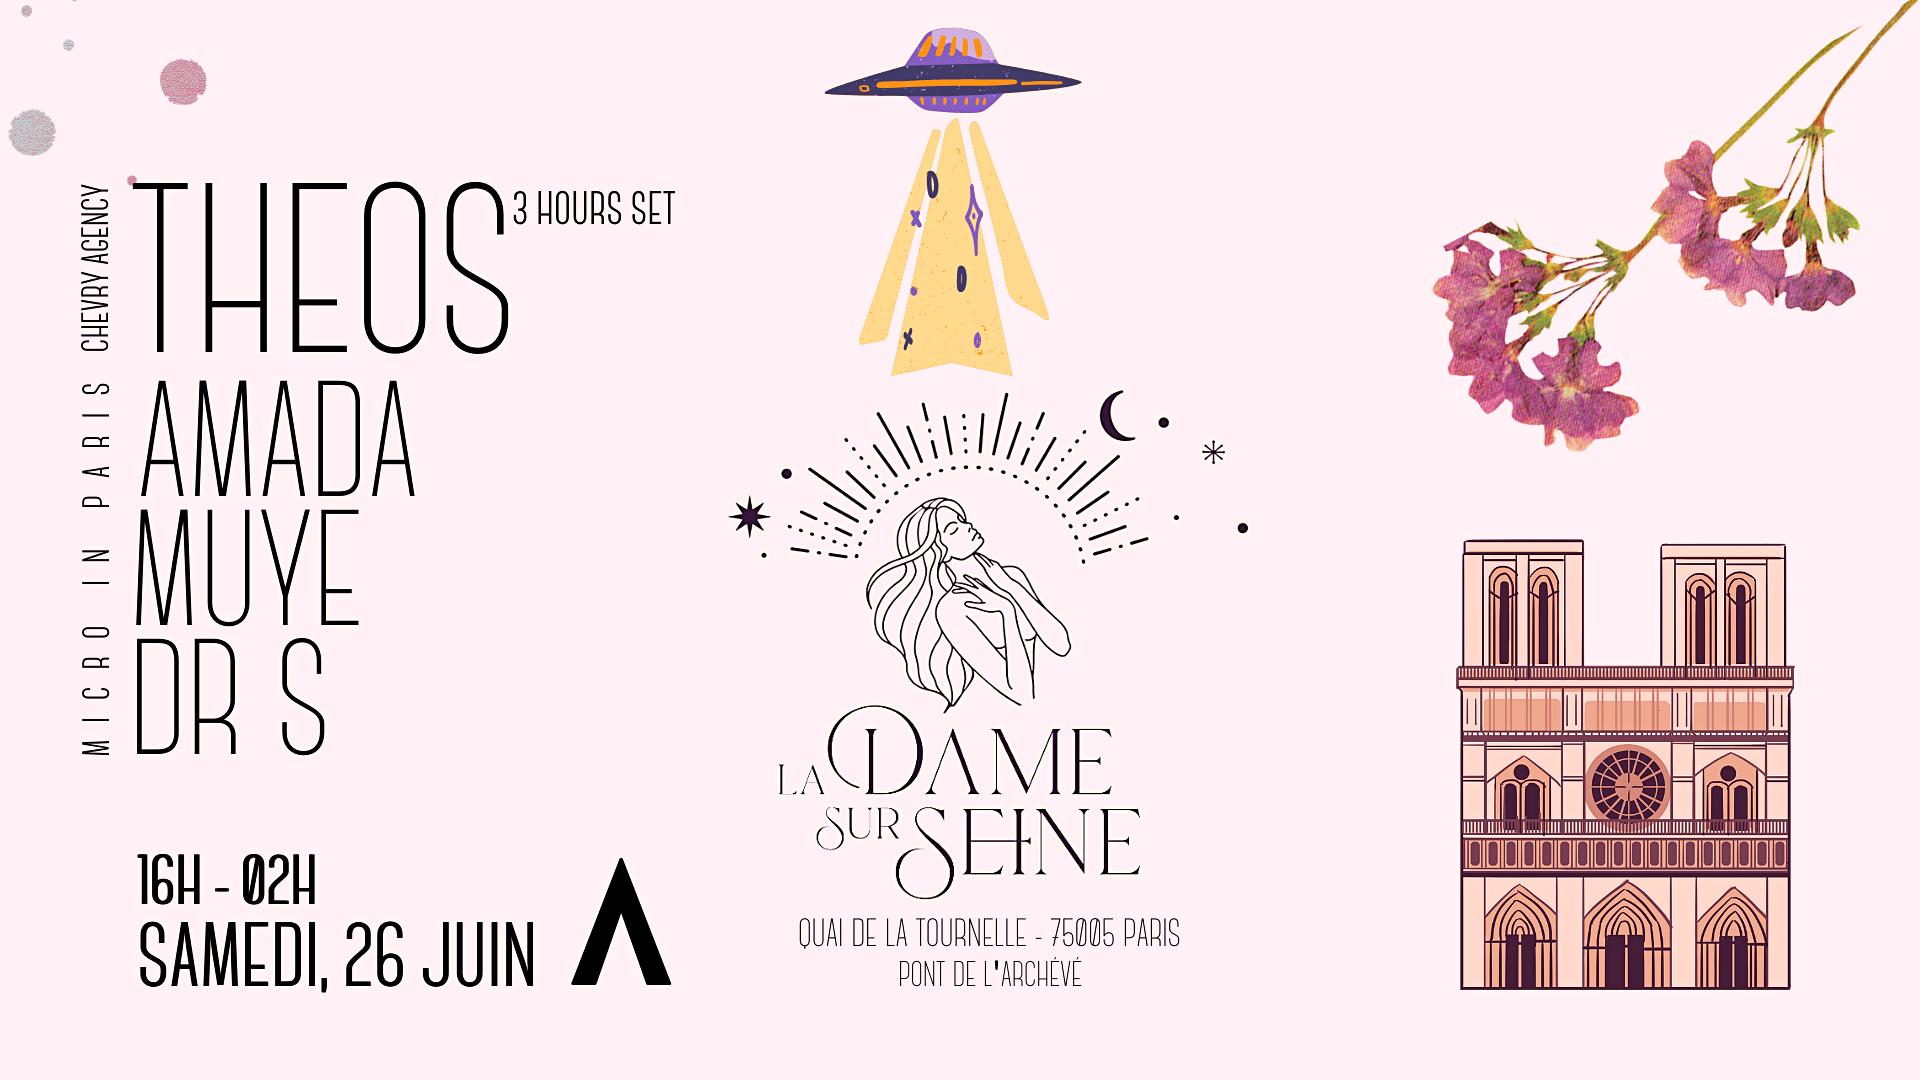 La Dame Sur Seine Invites THEOS w/ Micro in Paris